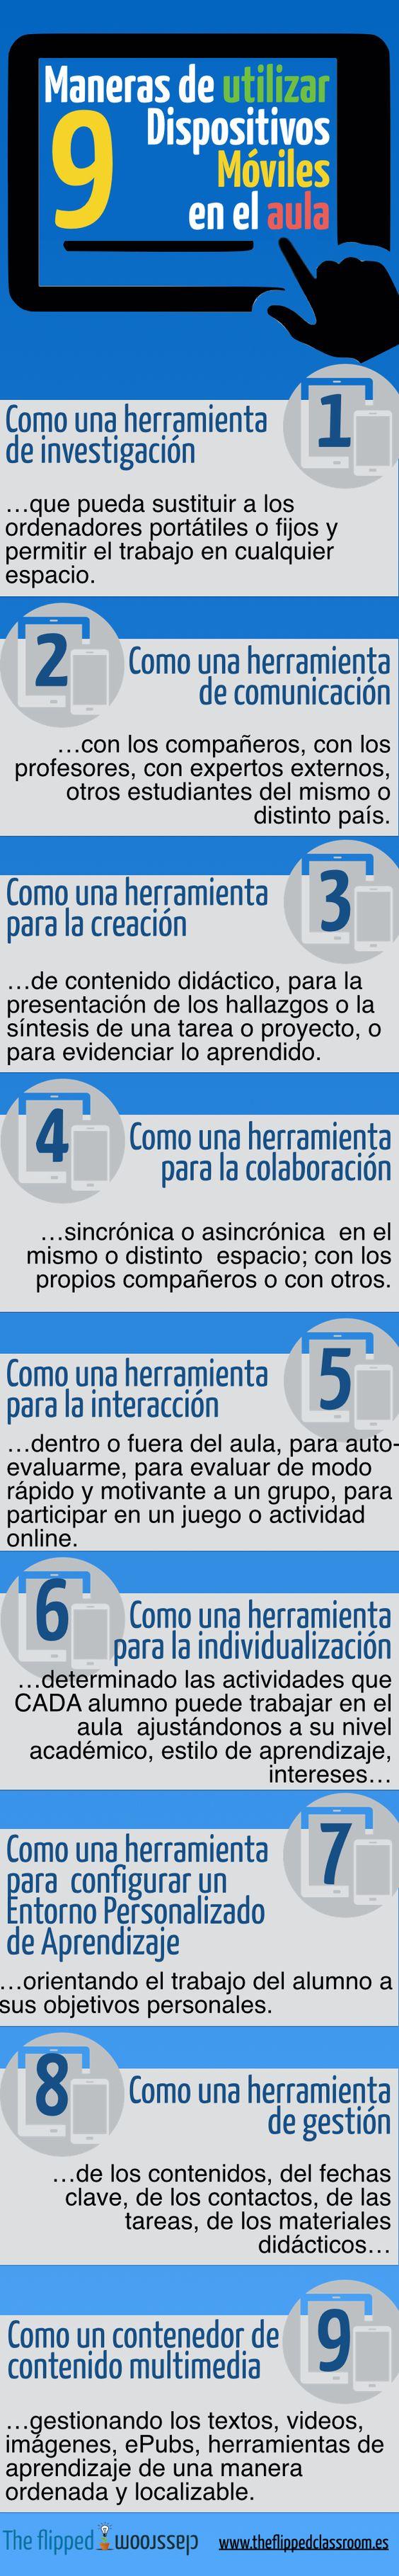 9 maneras de utilizar dispositivos móviles en el aula como una herramienta de acceso al conocimiento #inclusiva_INTEF